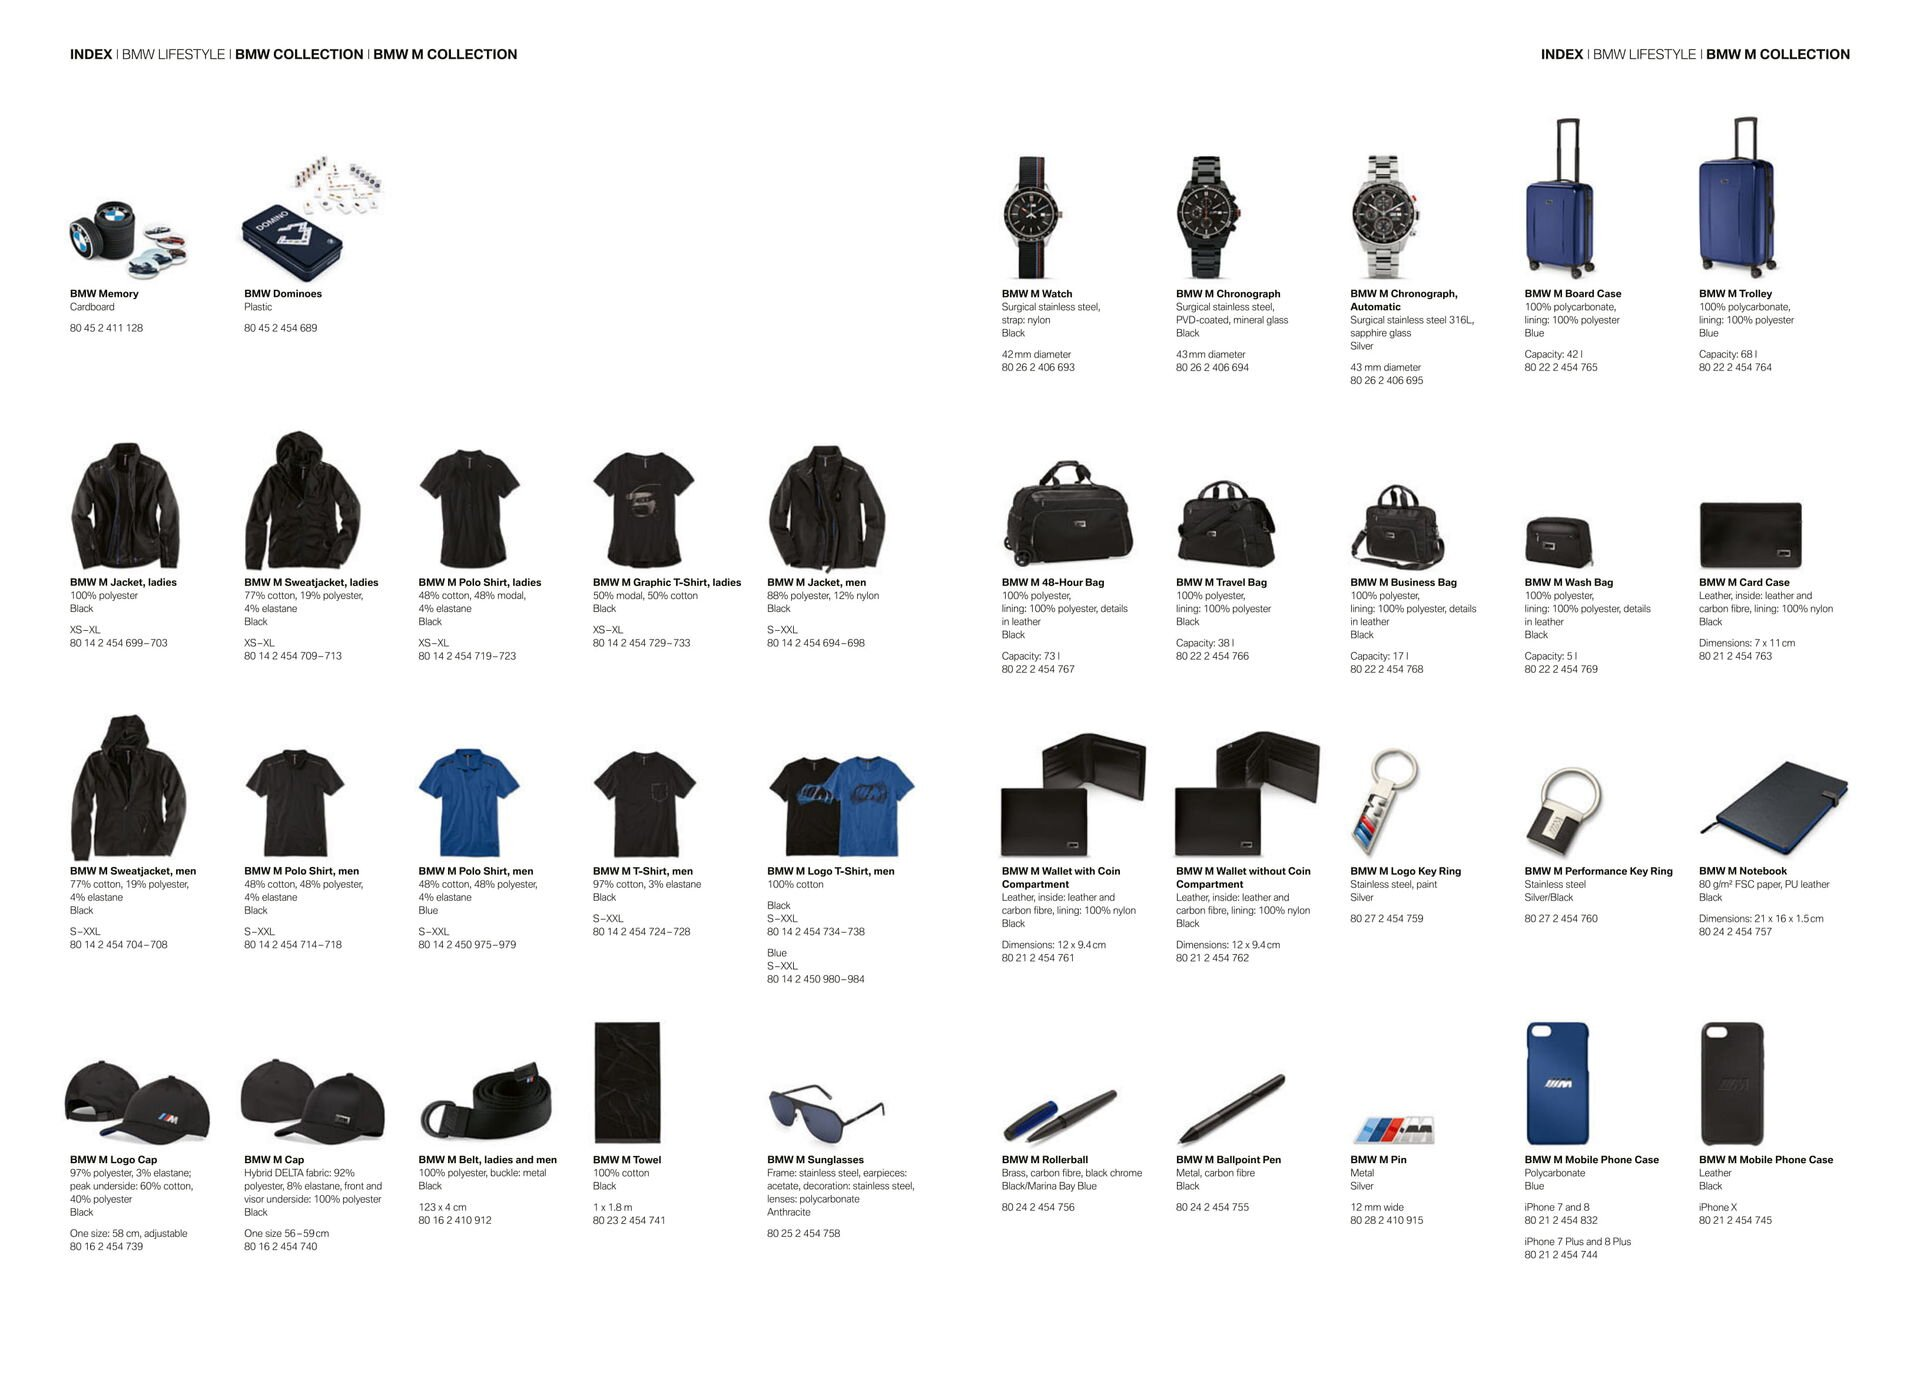 Коллекция аксессуаров BMW LIFESTYLE 2018-2020 - фото pic_f0e869808f268de_1920x9000_1.jpg